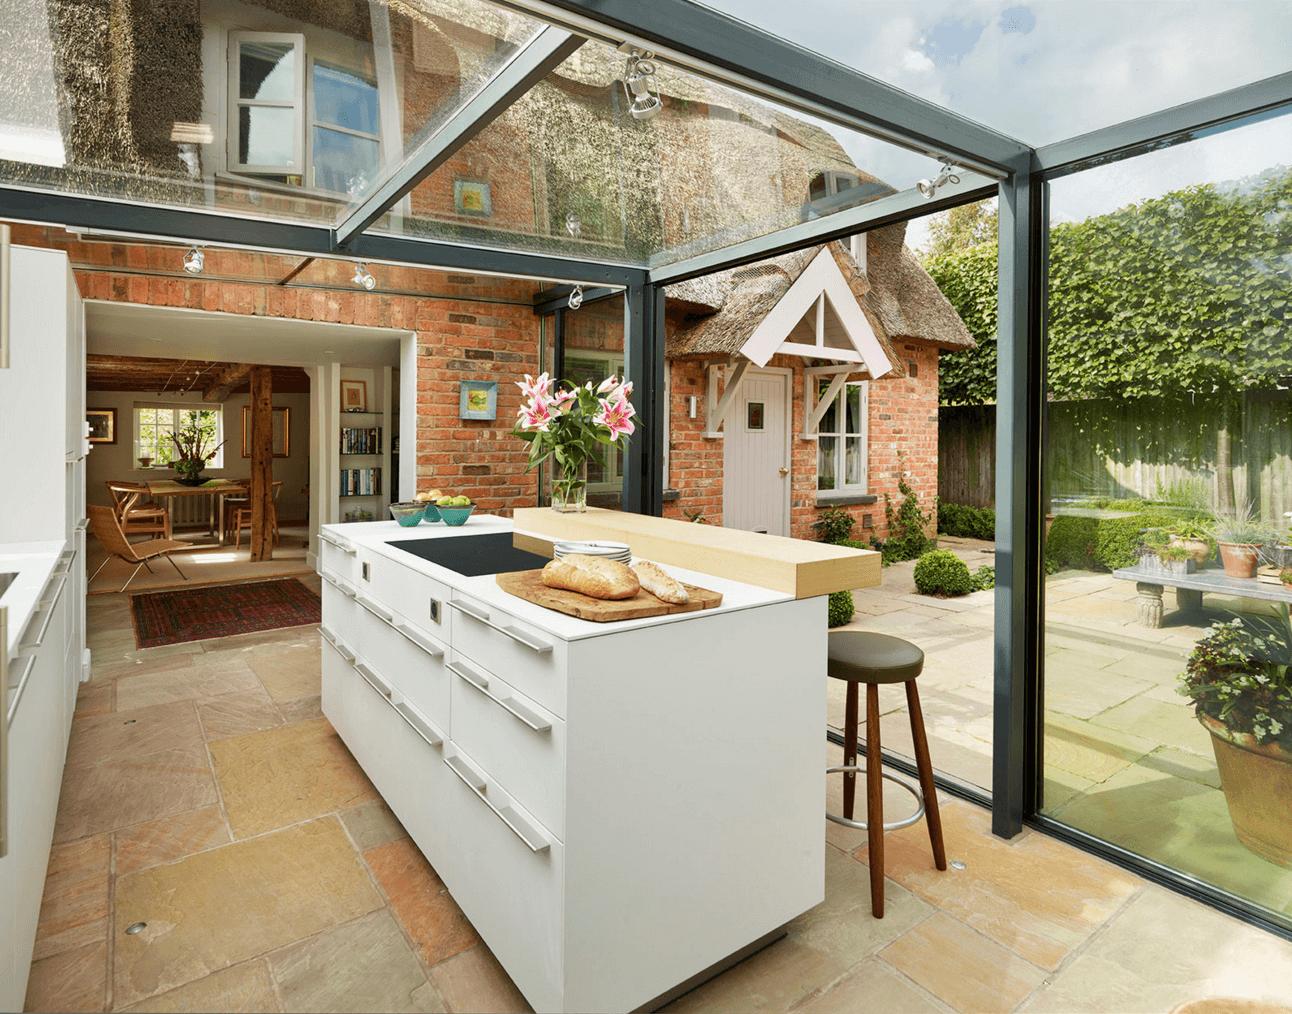 Küchengestaltung: Ein Glashaus Für Eine Angebaute Küche ... Wohnzimmer In Wintergarten Haus Renovierung